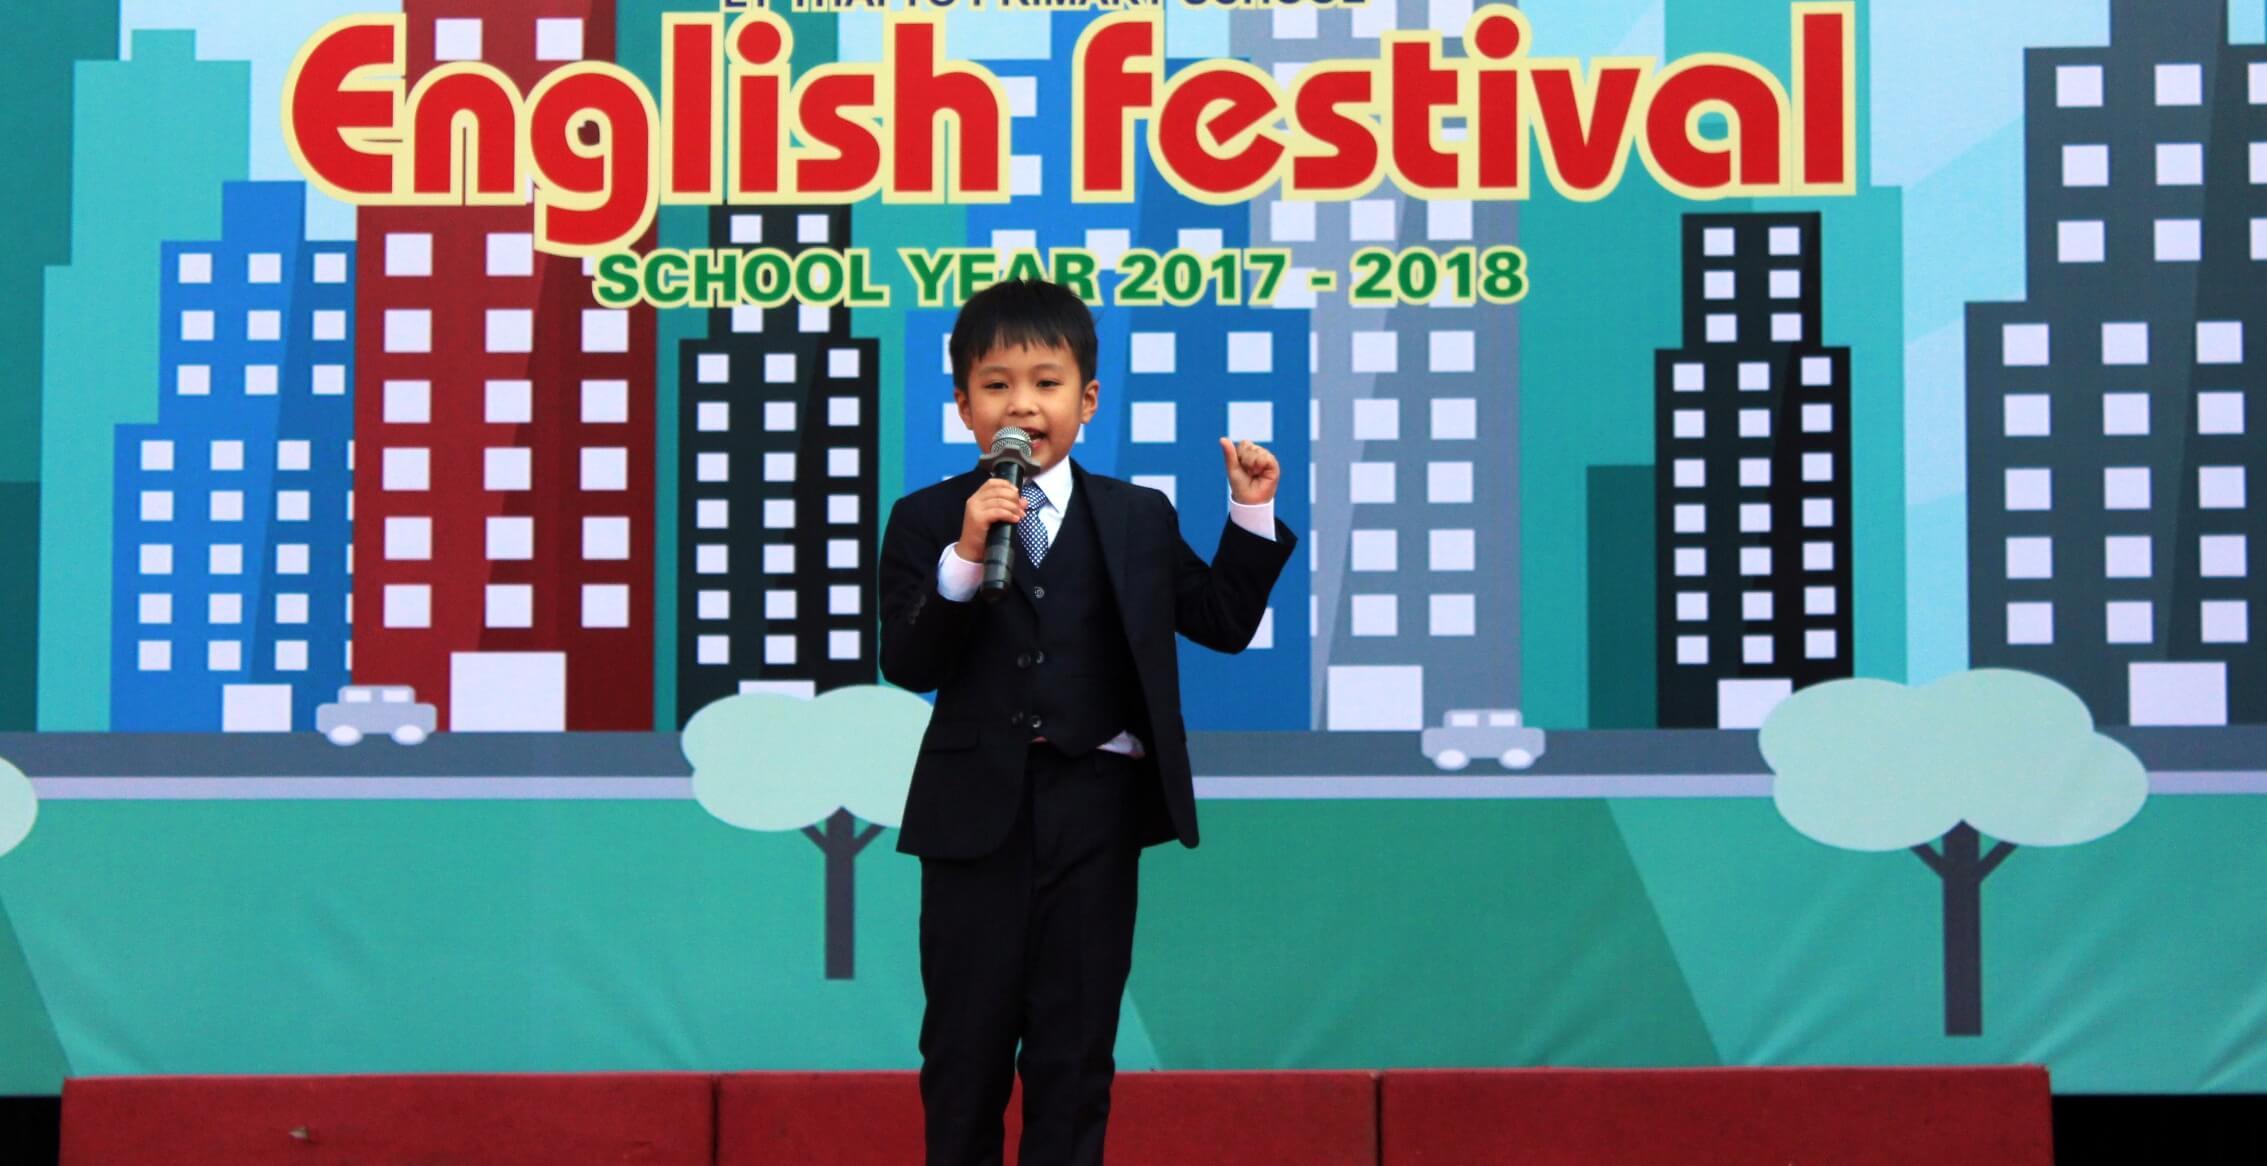 Nguyễn Đình Lộc, lớp 2A1-Giải Nhất Hùng biện tại Festival Tiếng Anh quận Cầu Giấy năm học 2017-2018